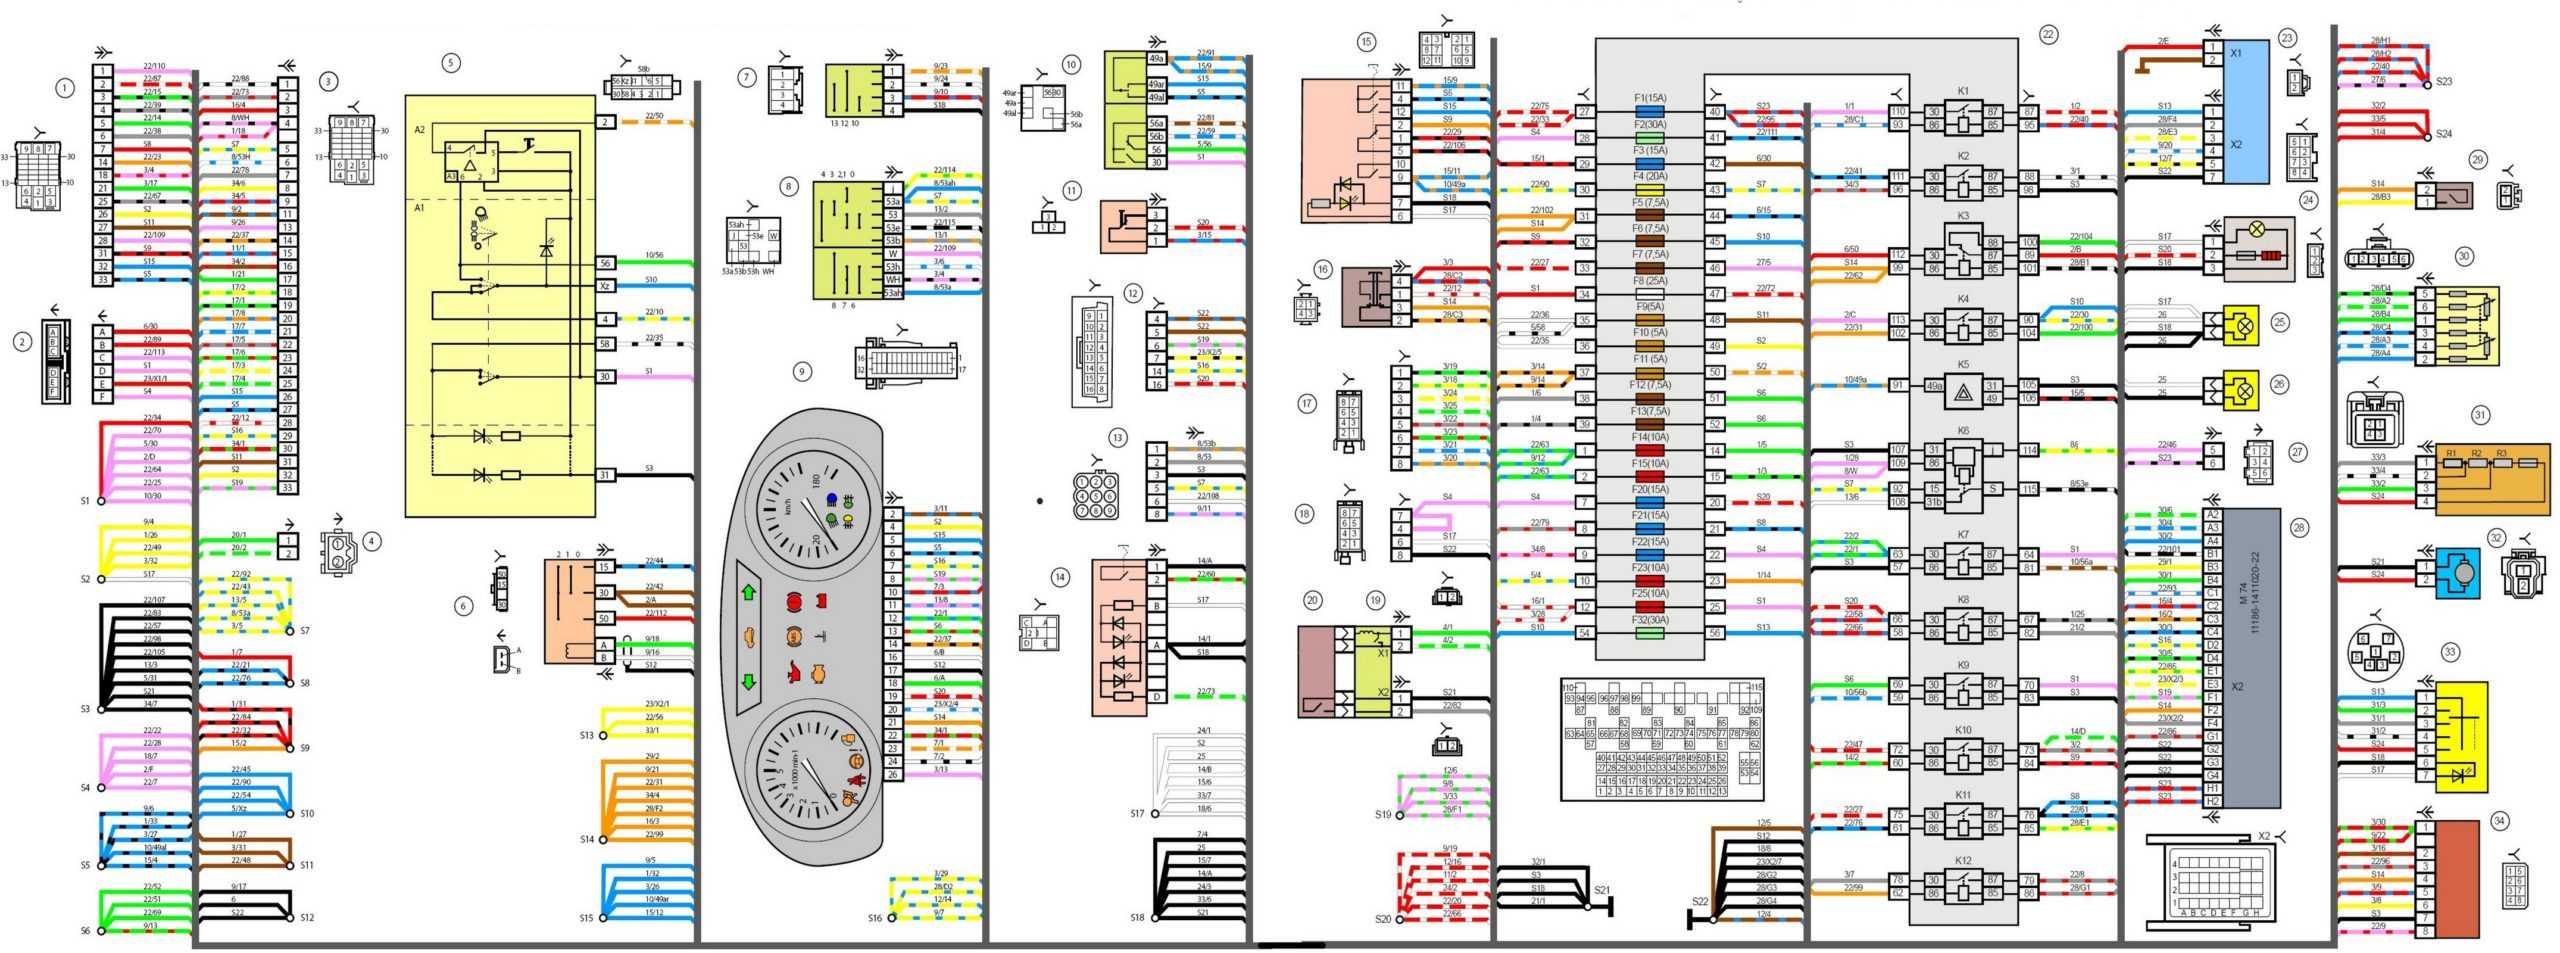 Схемы электрооборудования Лада Гранта - Официальный Лада Гранта Клуб